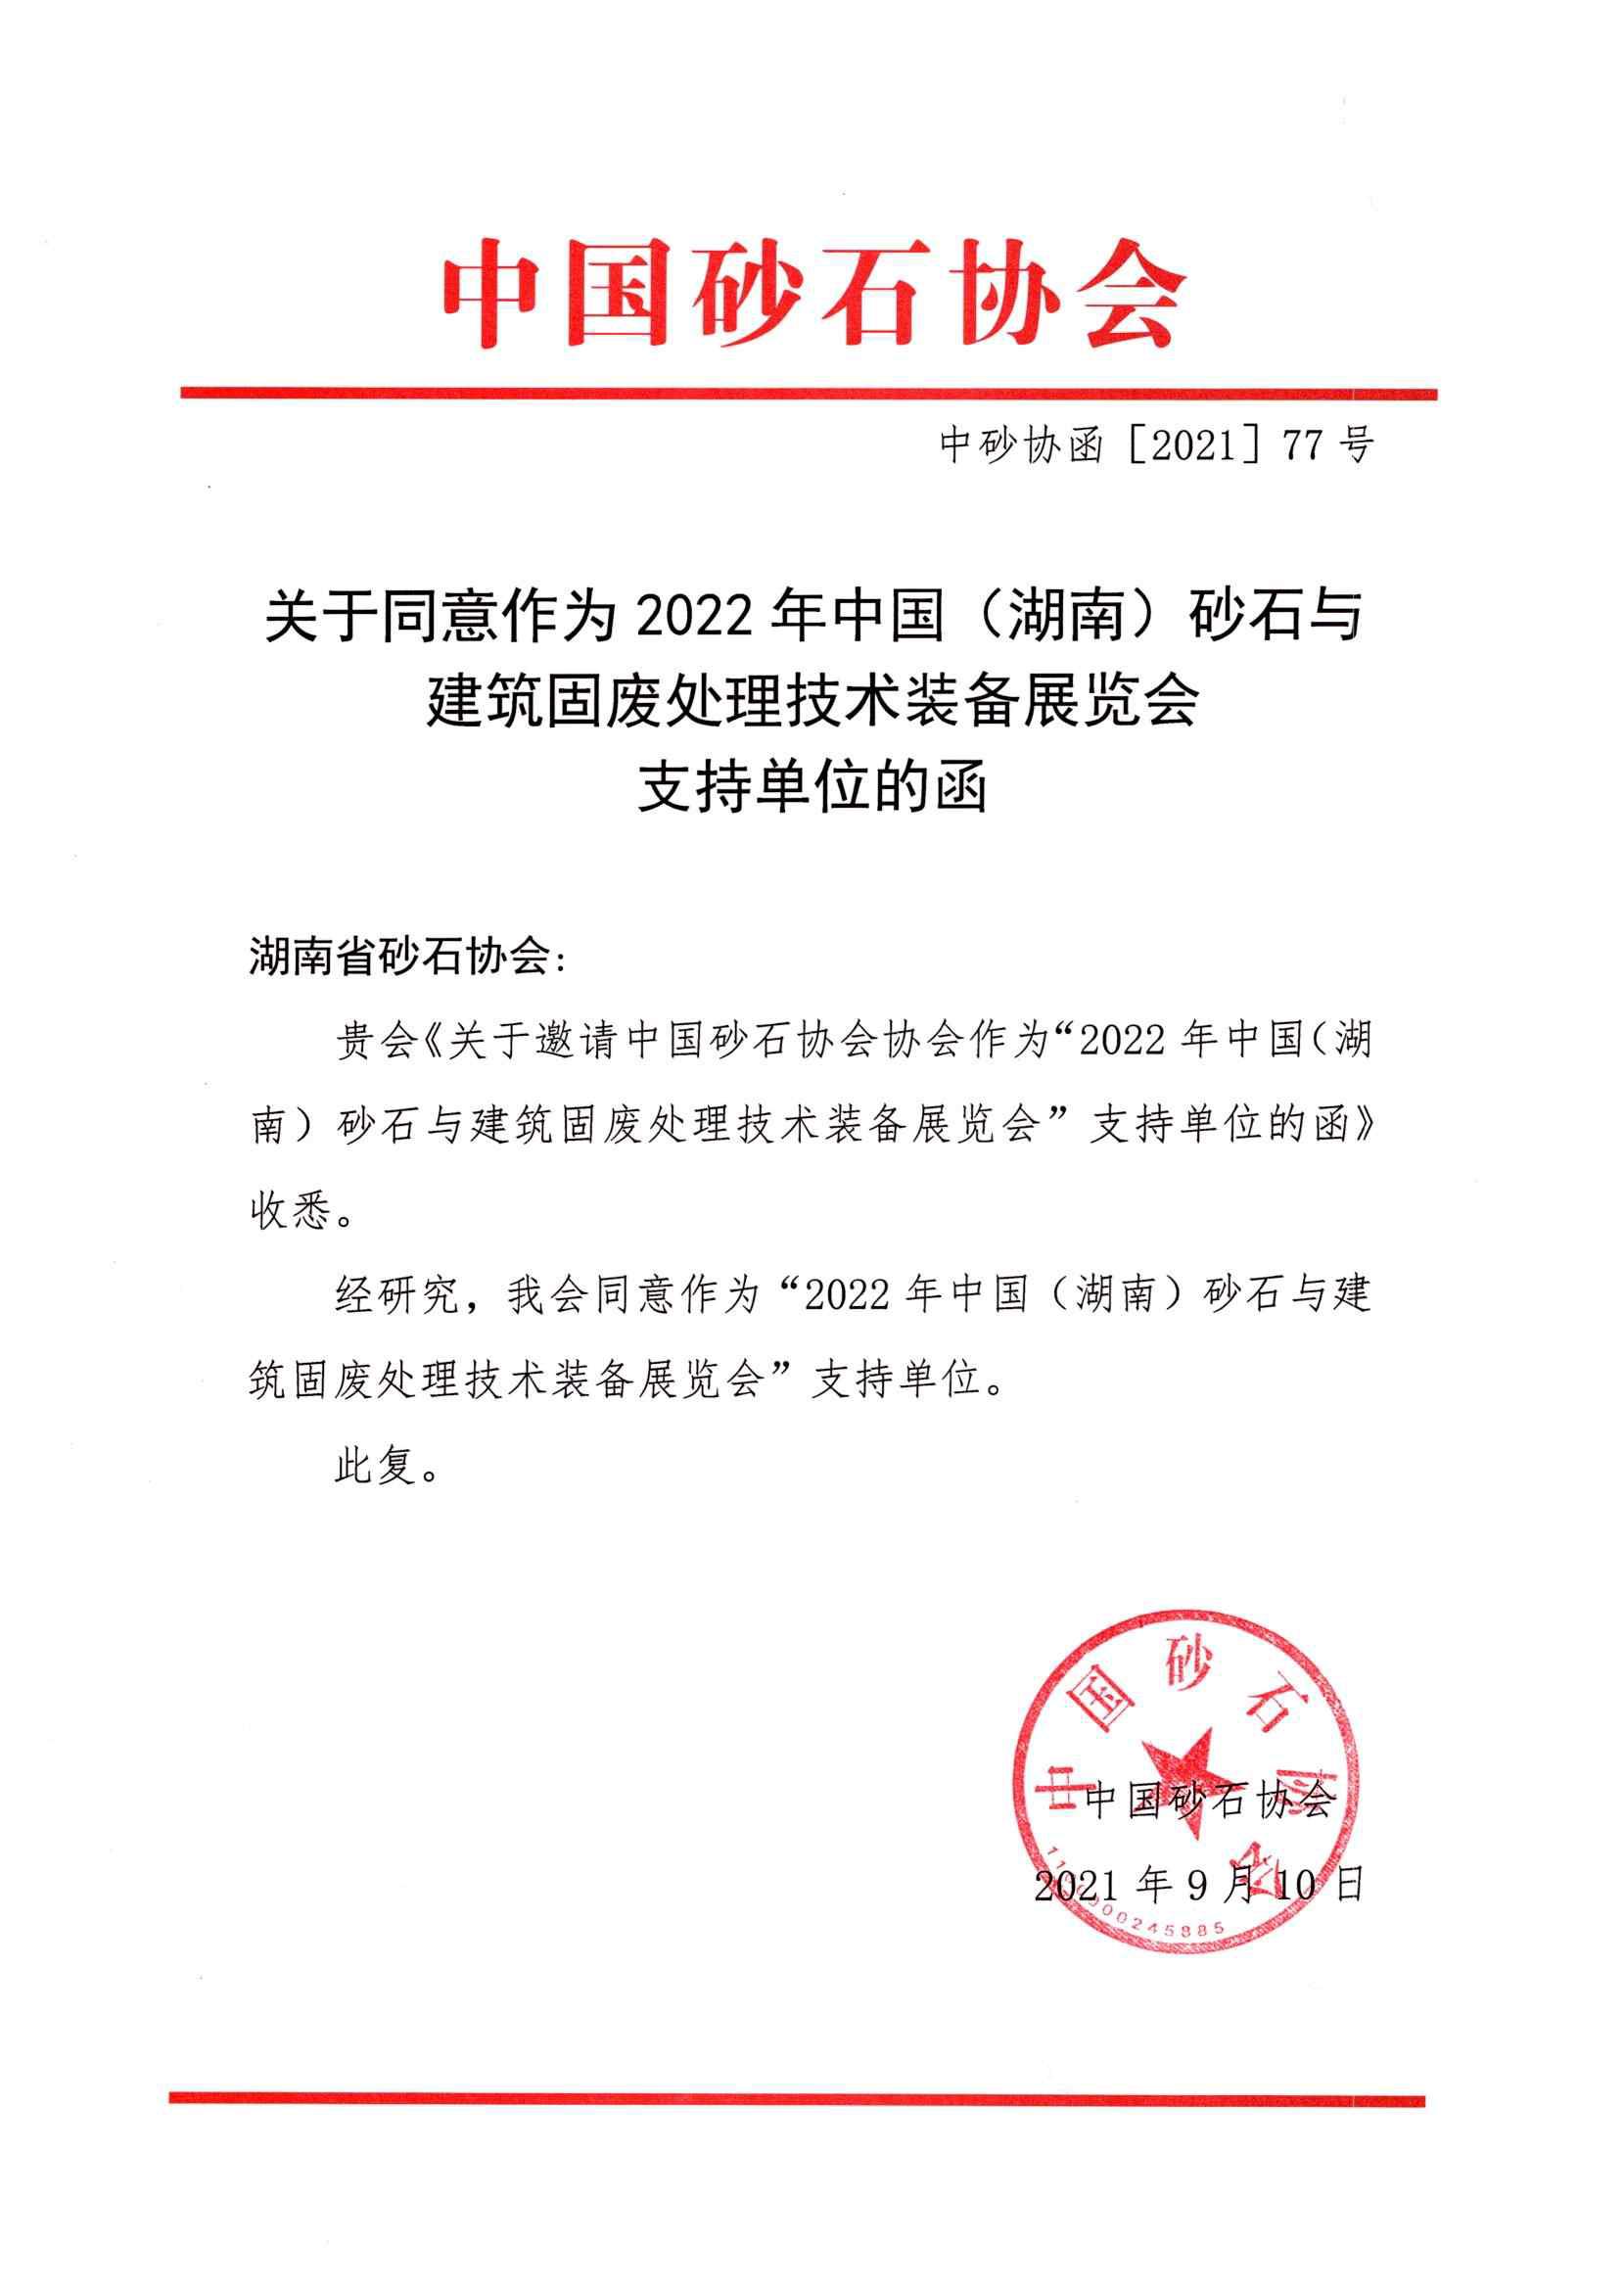 中国砂石协会文件.jpg